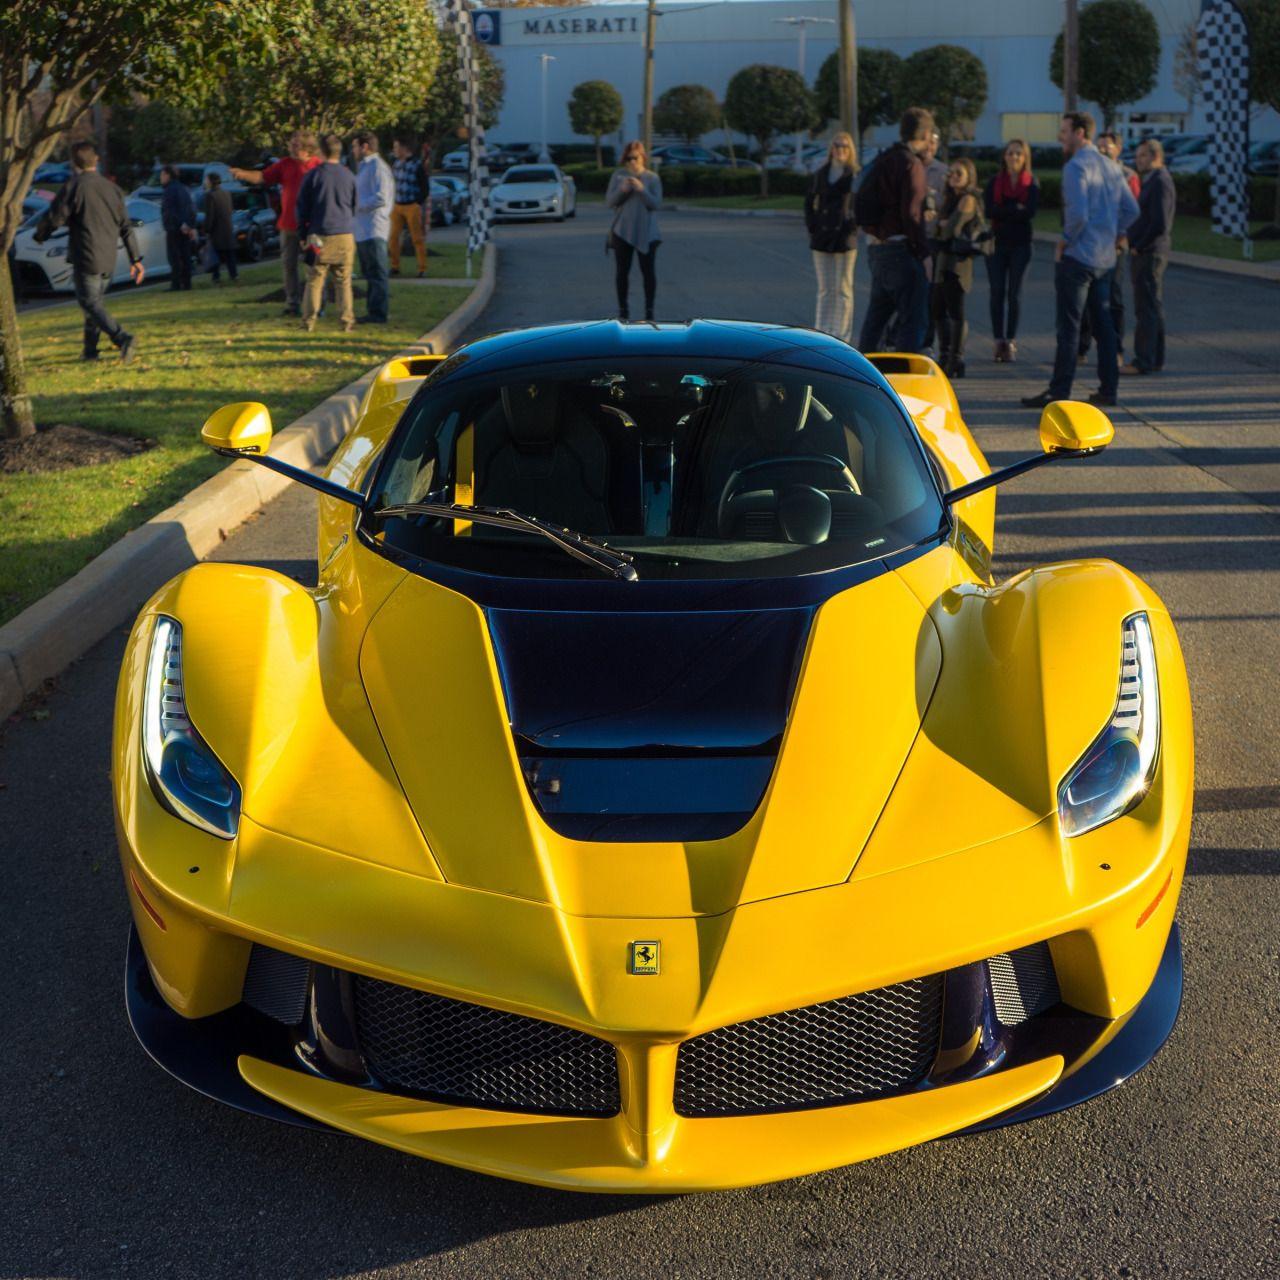 Laferrari: Ferrari LaFerrari In Giallo-Modena Yellow [2400 X 2400